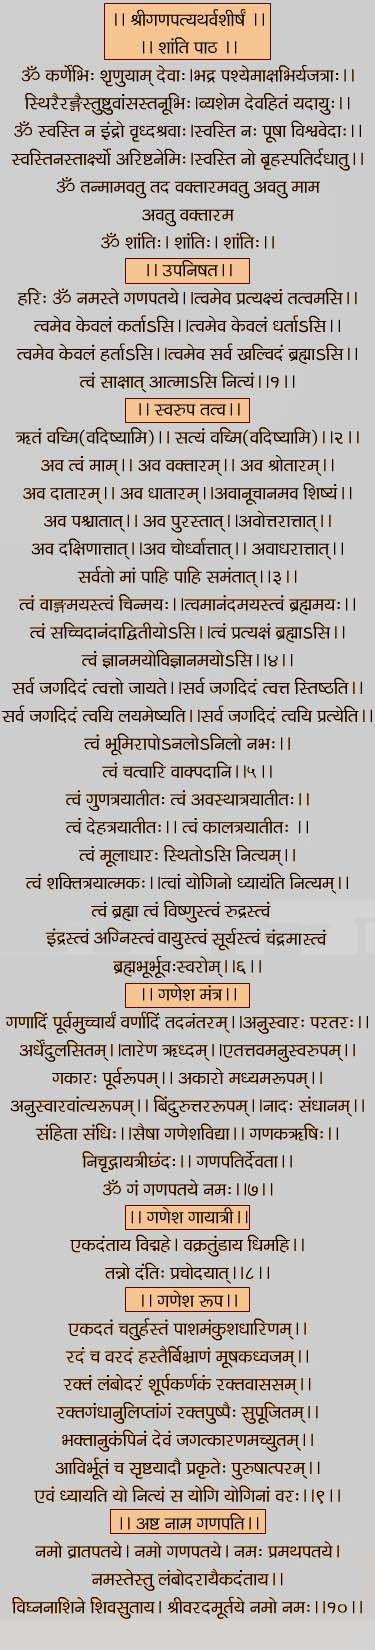 ganapati atharvashirsha pdf